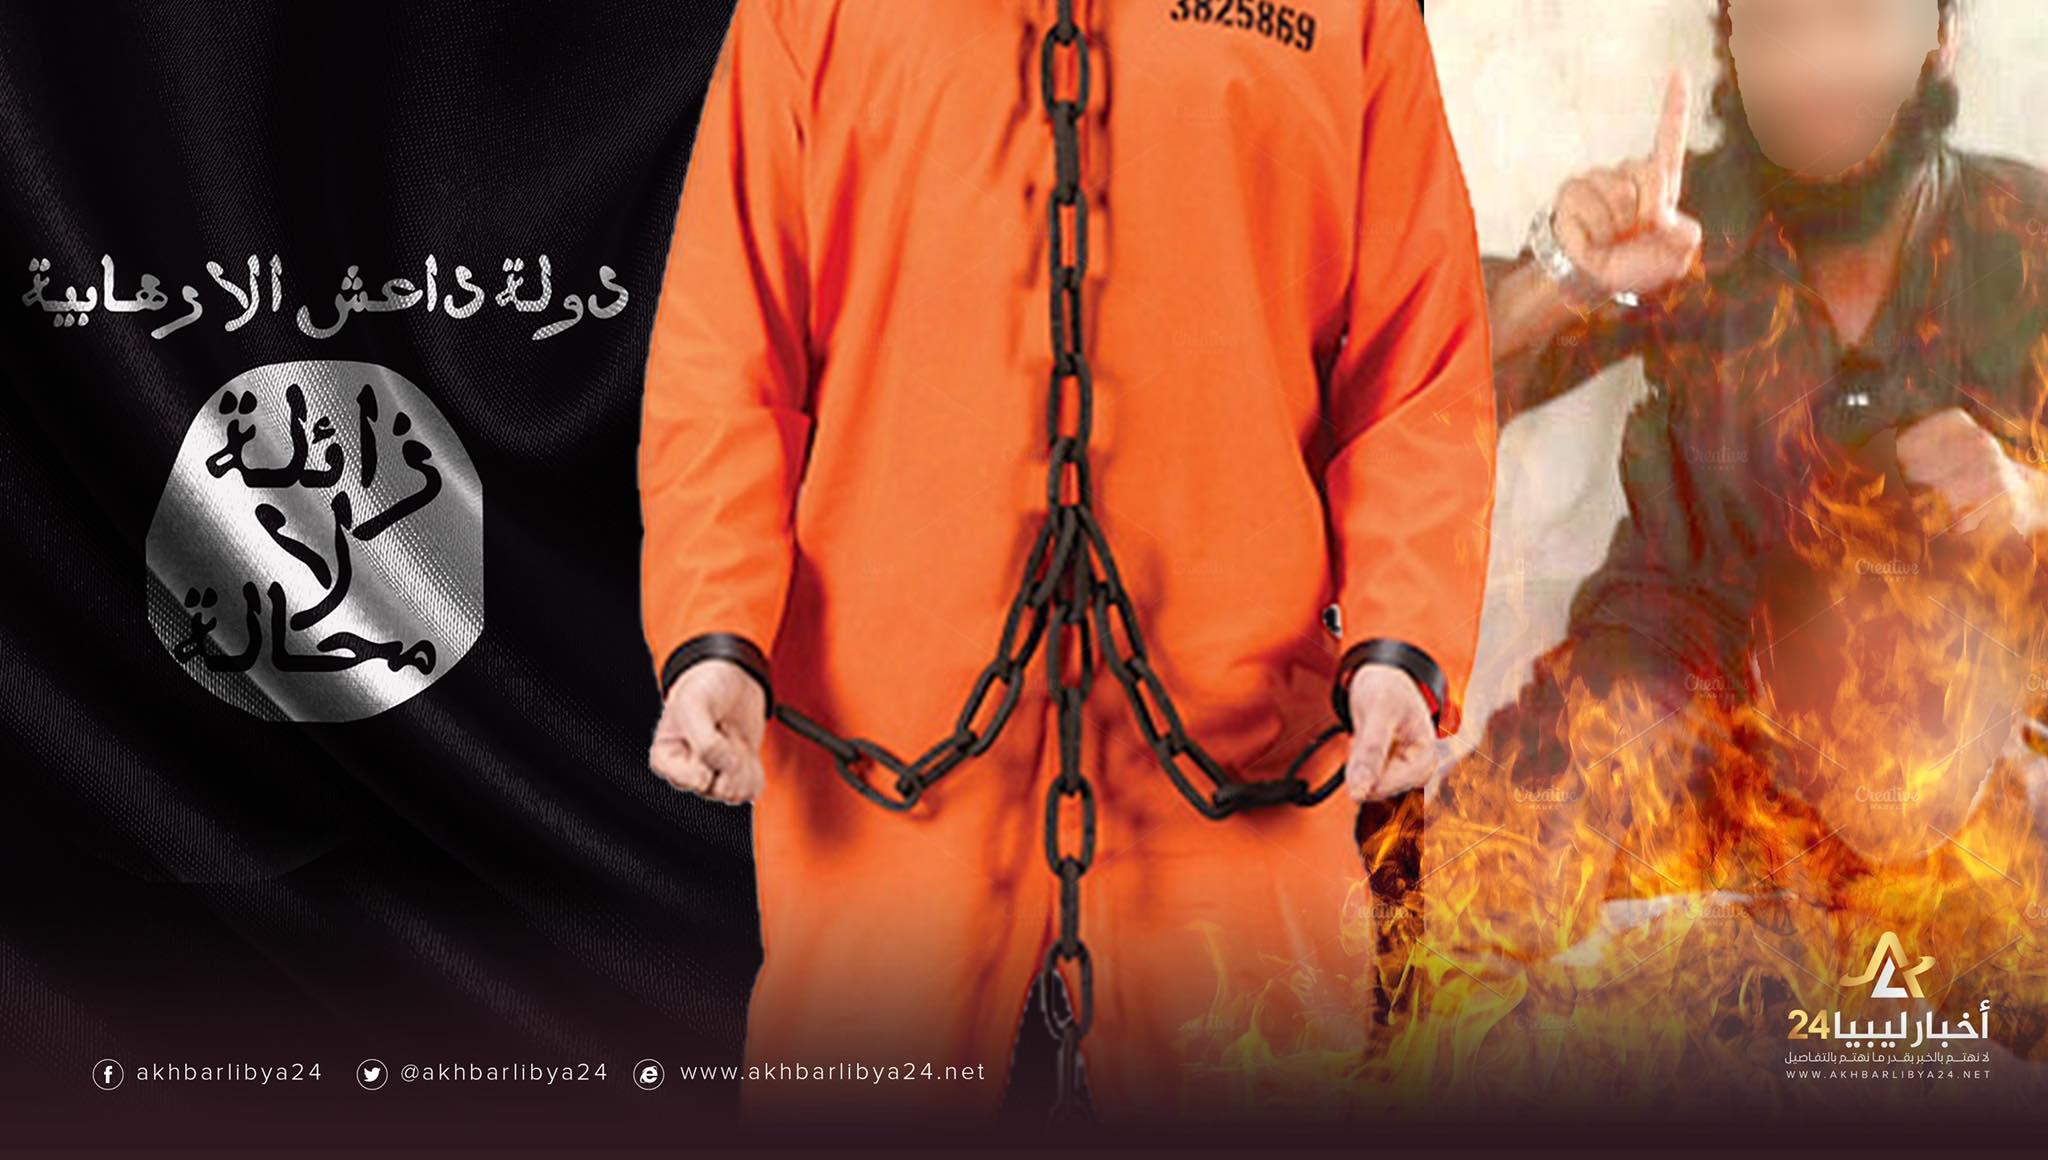 صورة جزاءً لما ارتكبوا من جرائم..الإرهابيين مصيرهم بات أمرًا محتمًا الموت أو السجن